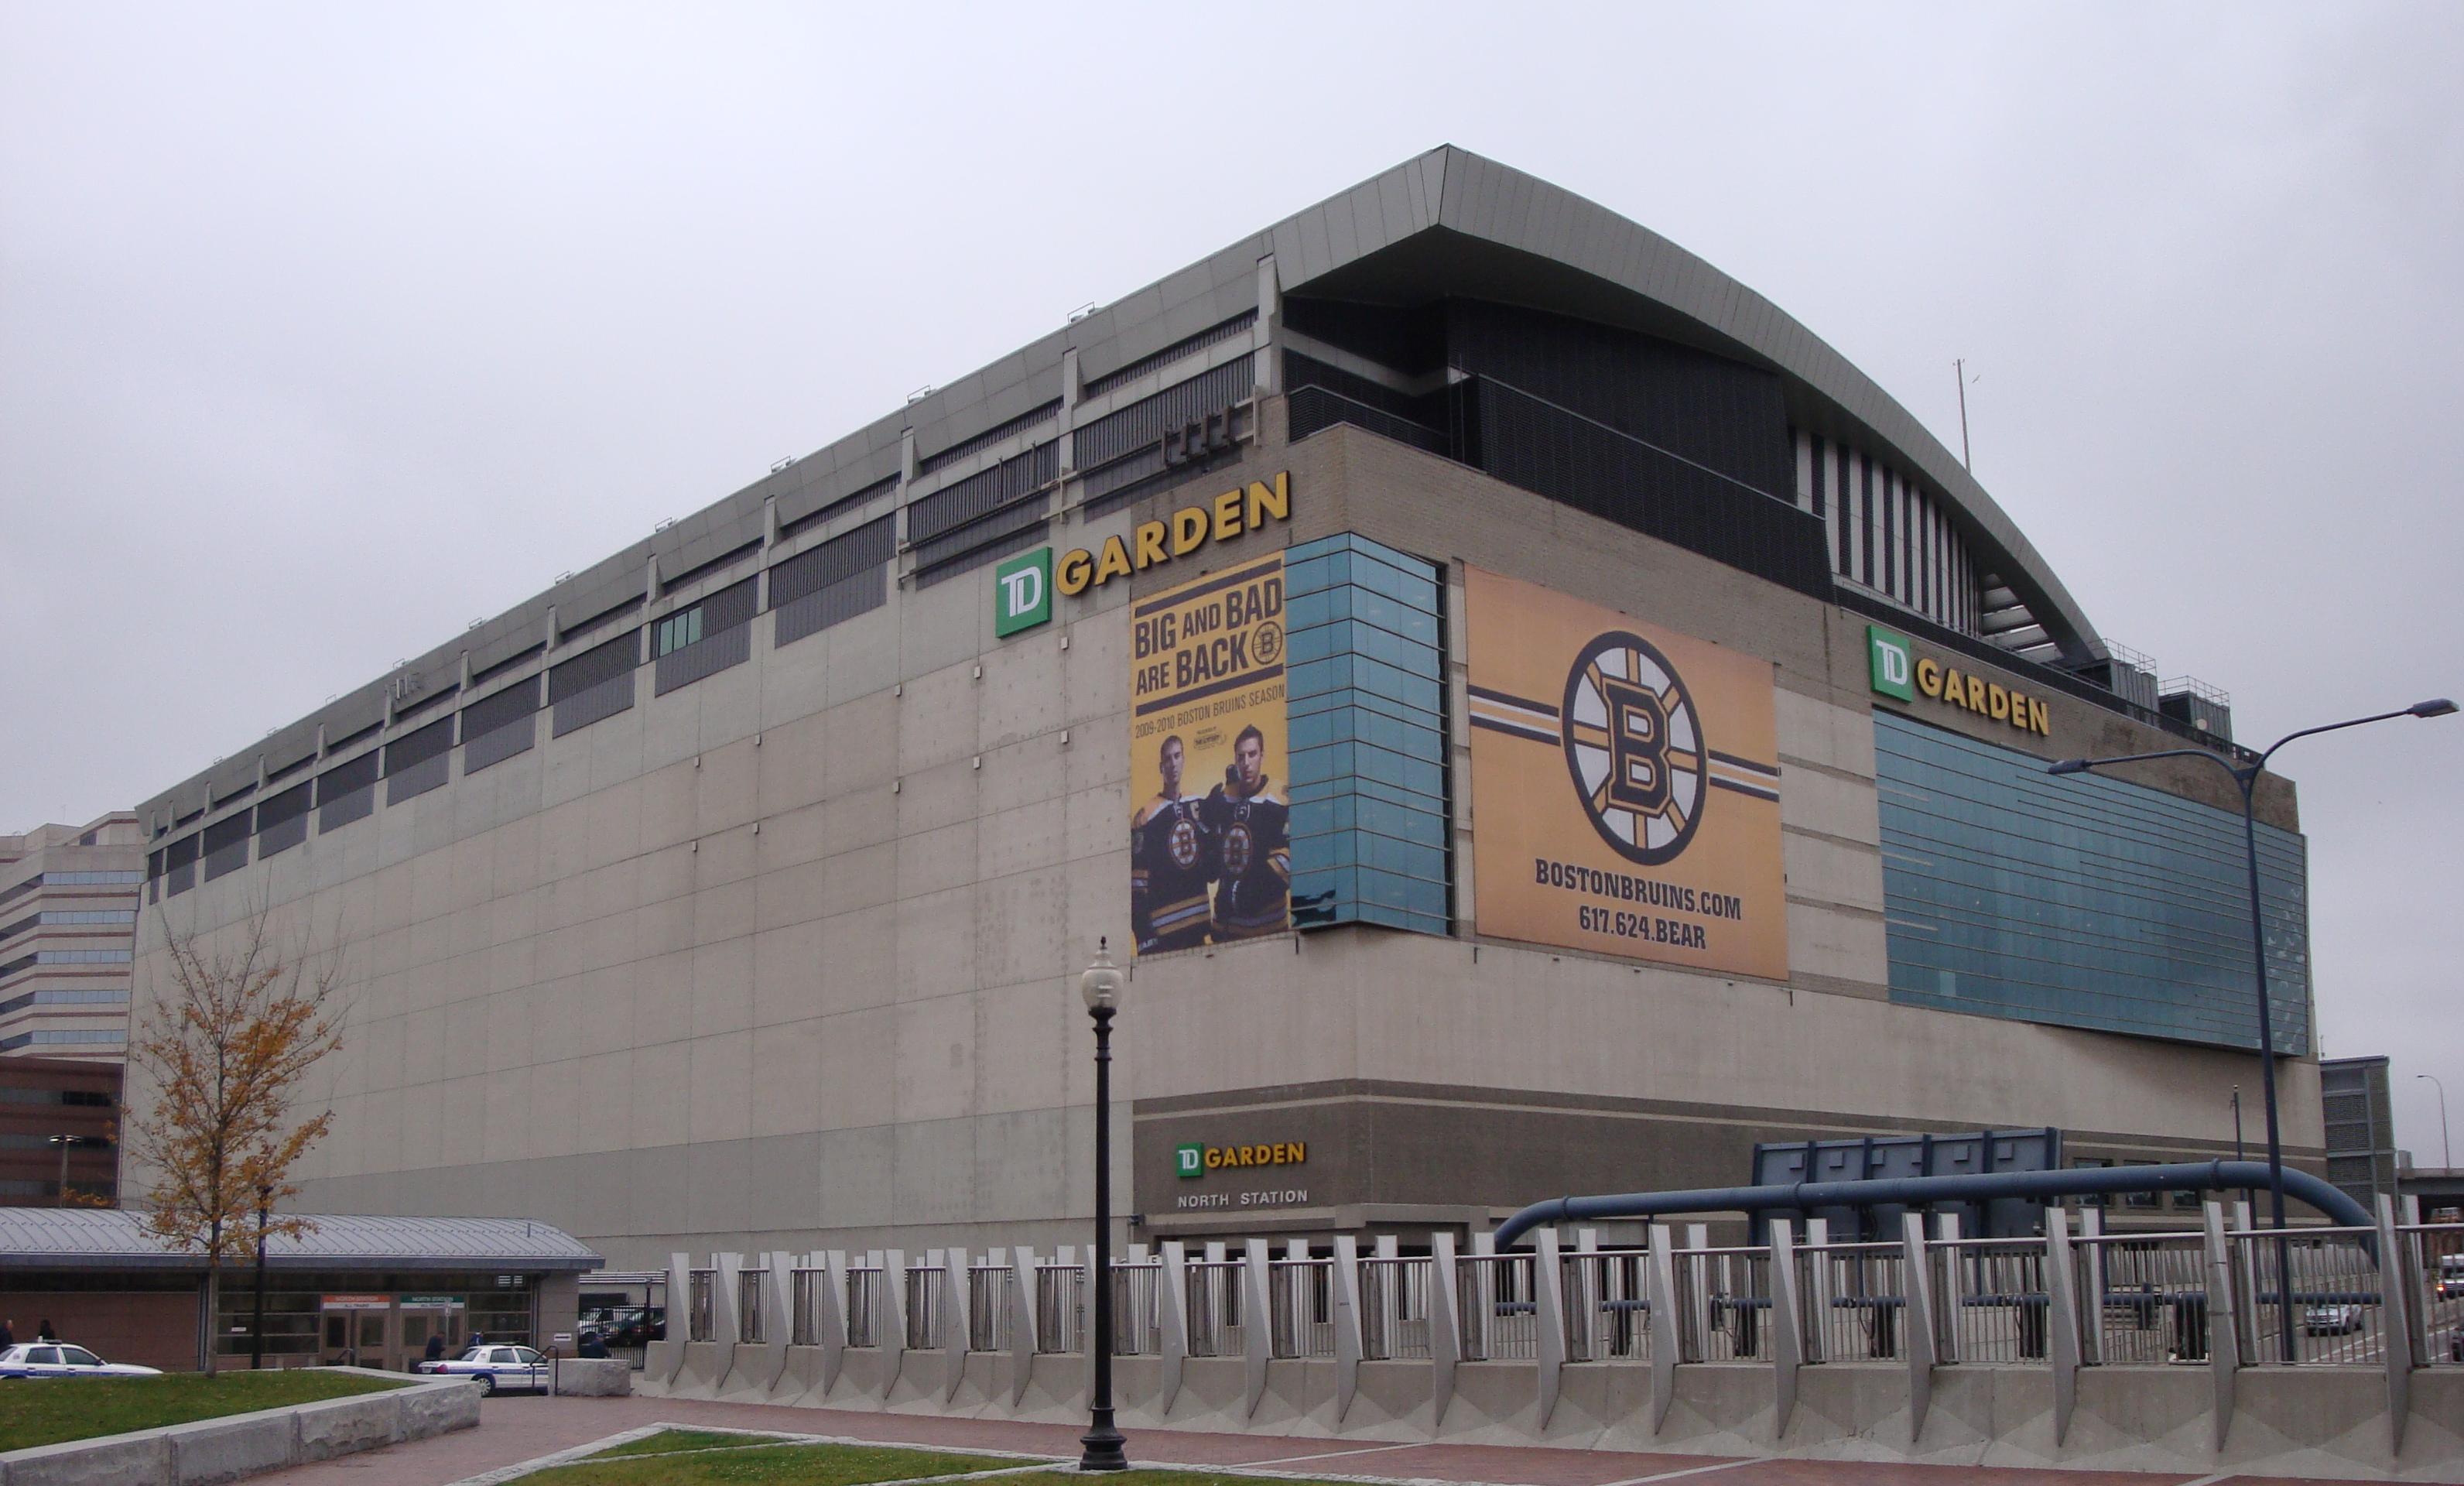 TD Garden.